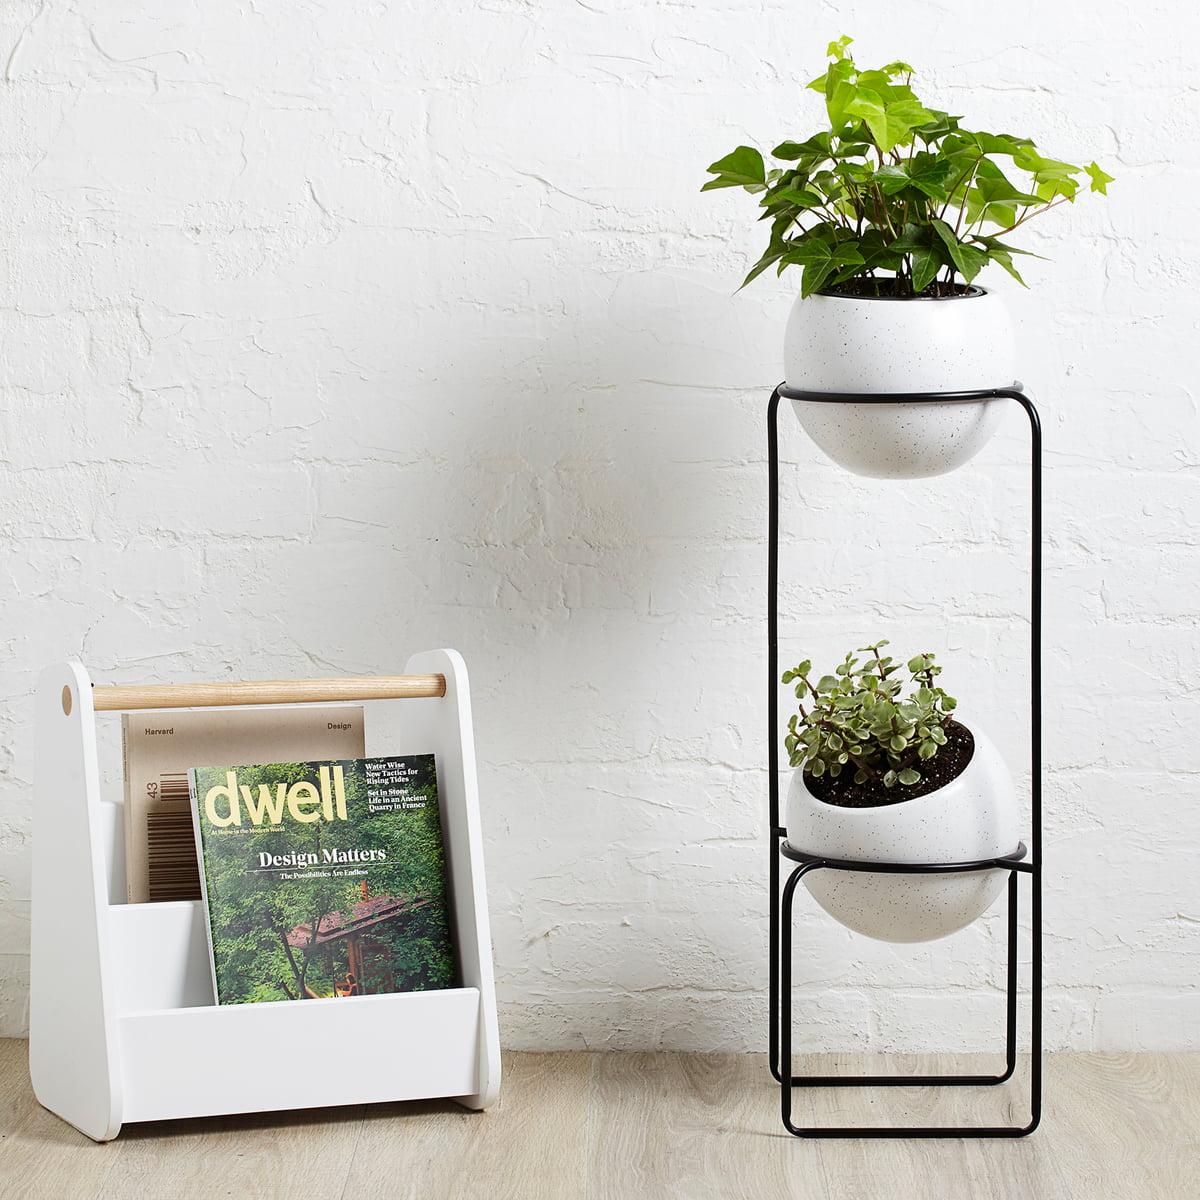 nesta freestand pflanzenst nder von umbra connox. Black Bedroom Furniture Sets. Home Design Ideas